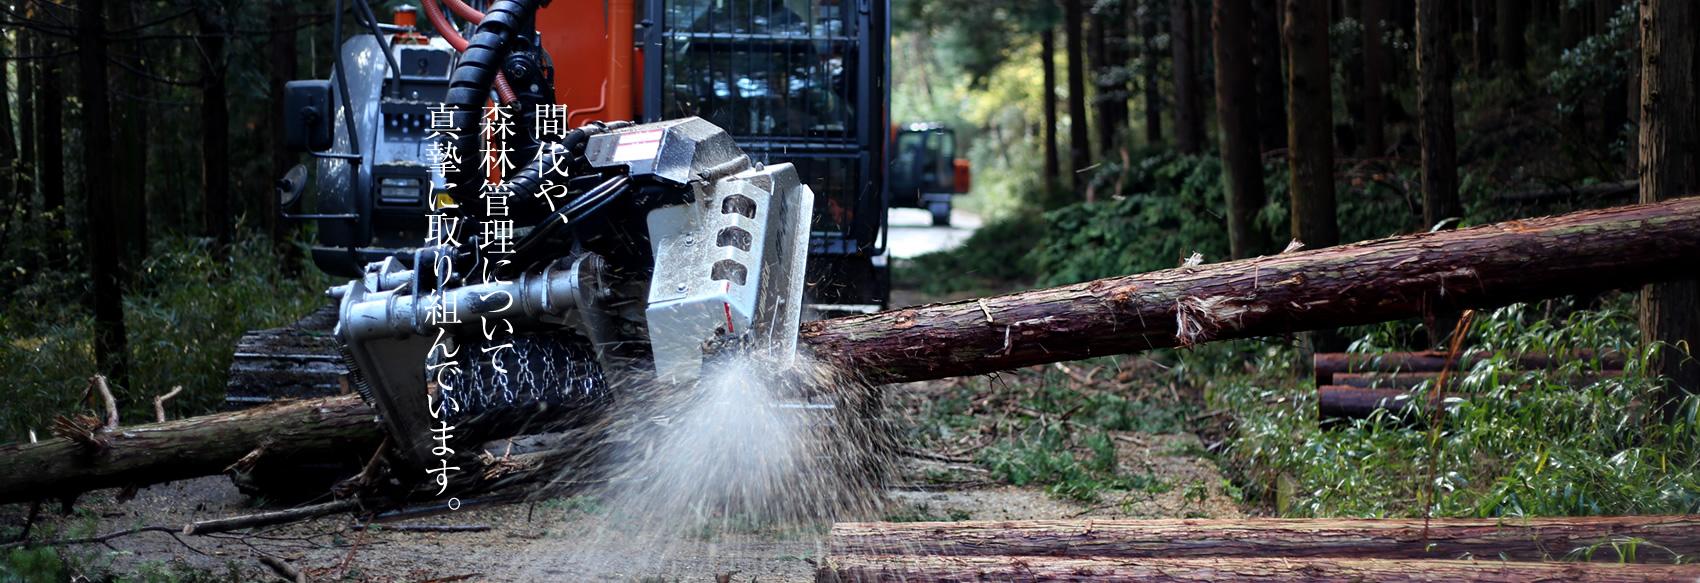 間伐や、森林管理について真摯に取り組んでいます。